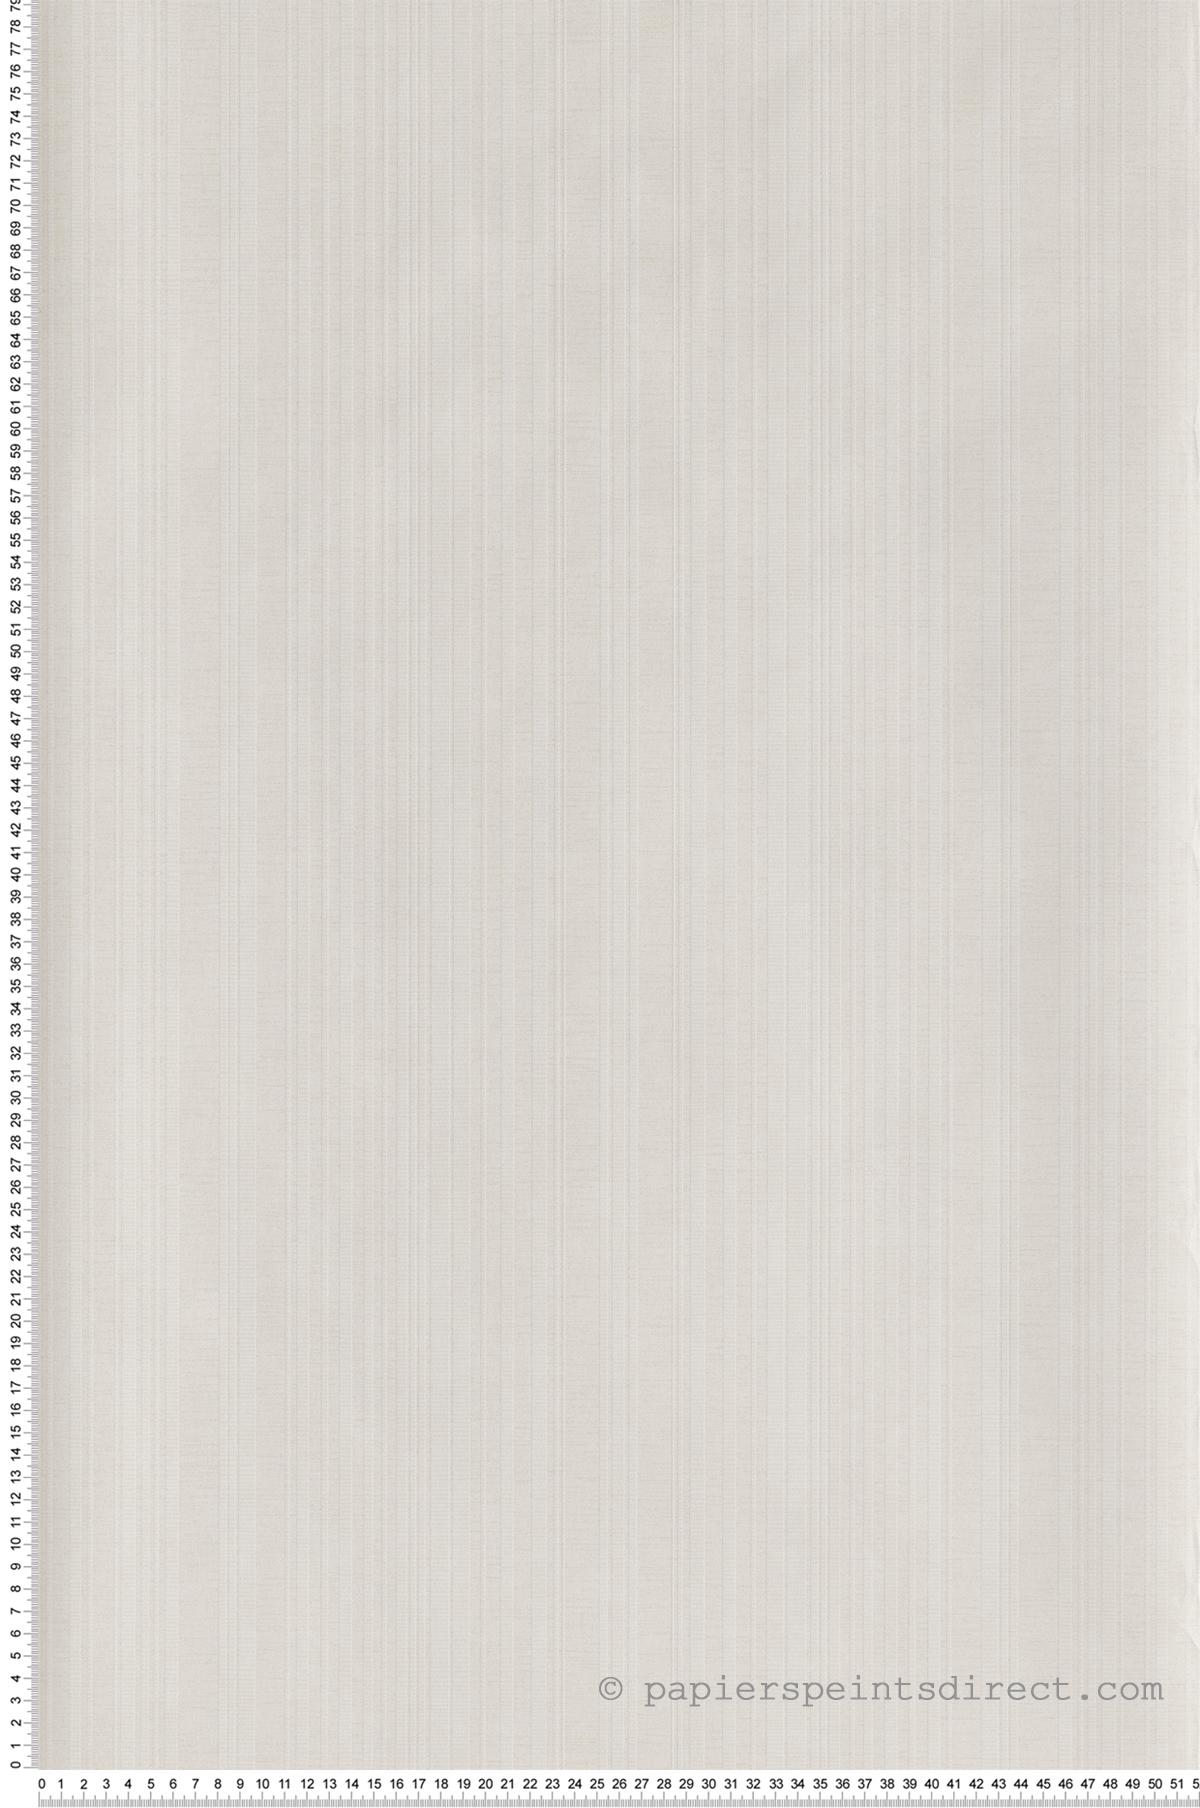 Papier Peint A Rayure Gris Et Blanc papier peint rayures ton/ton gris clair/blanc - maui maui d